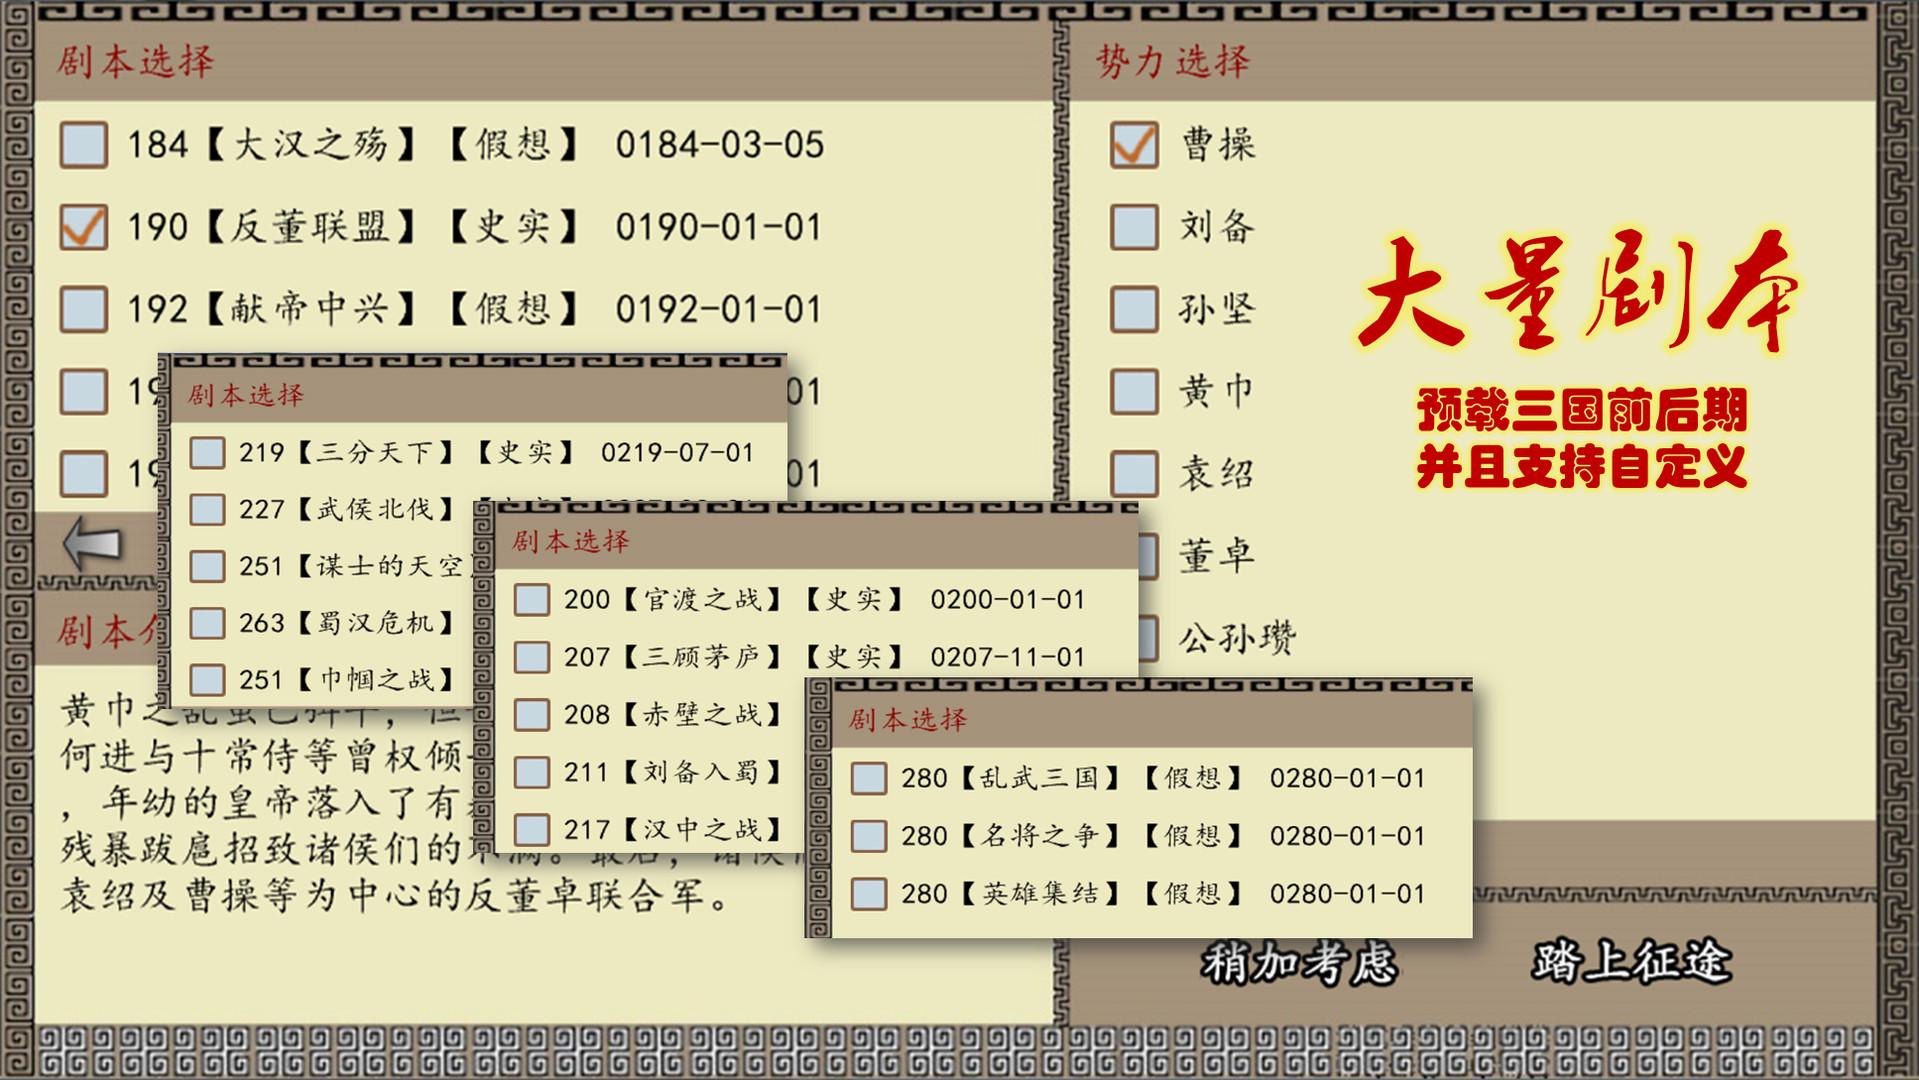 中华三国志 the Three Kingdoms of China on Steam